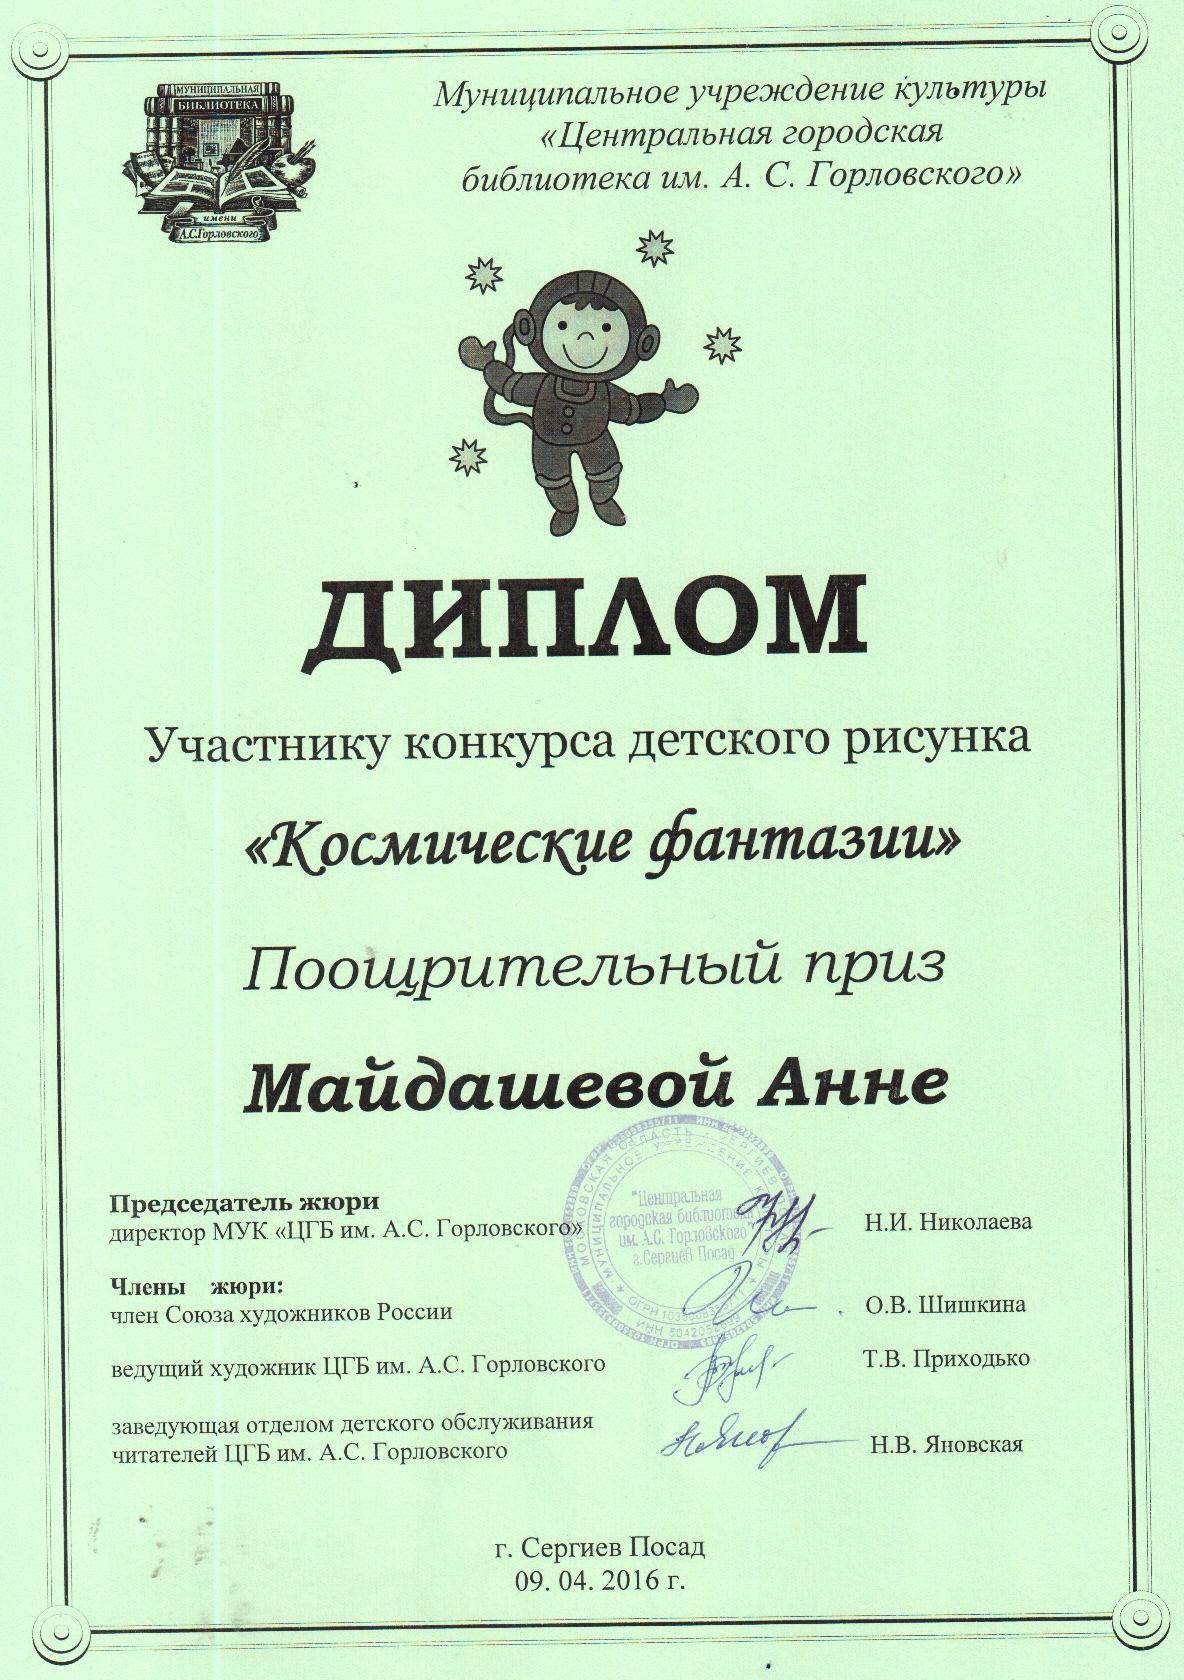 Диплом Анны Майдашевой.jpg